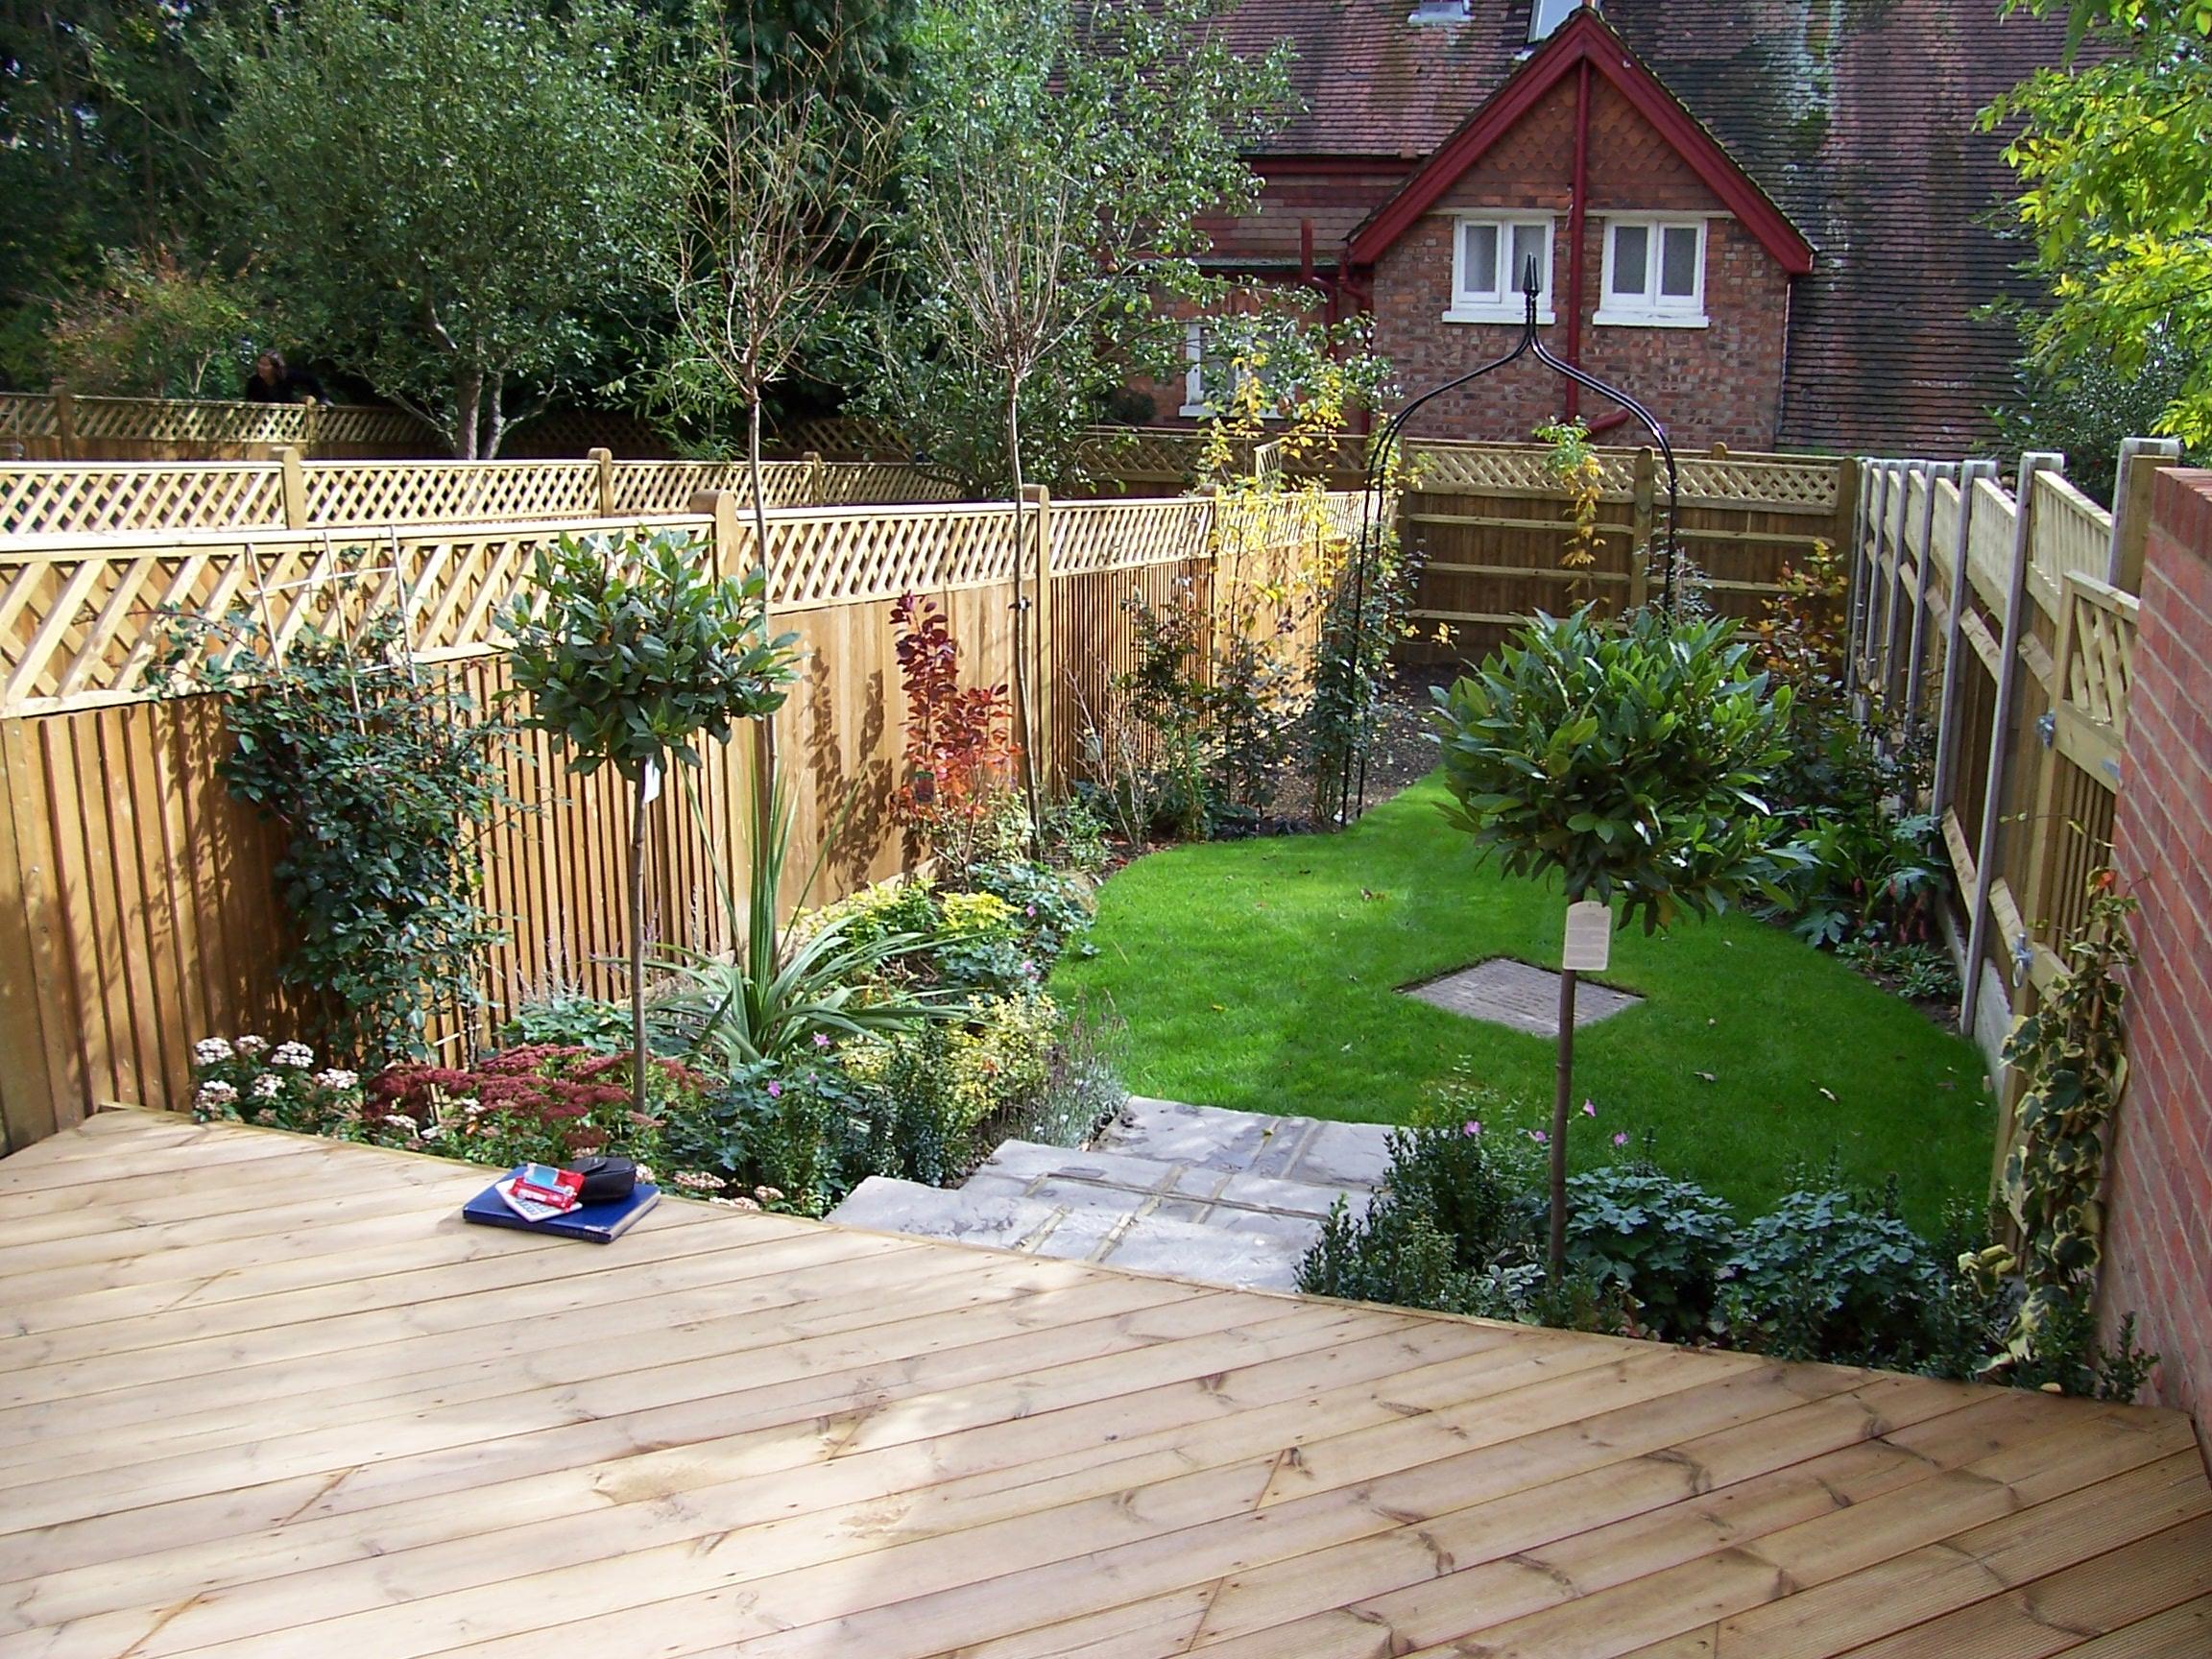 Landscape design services landscape gardening for Garden design kent